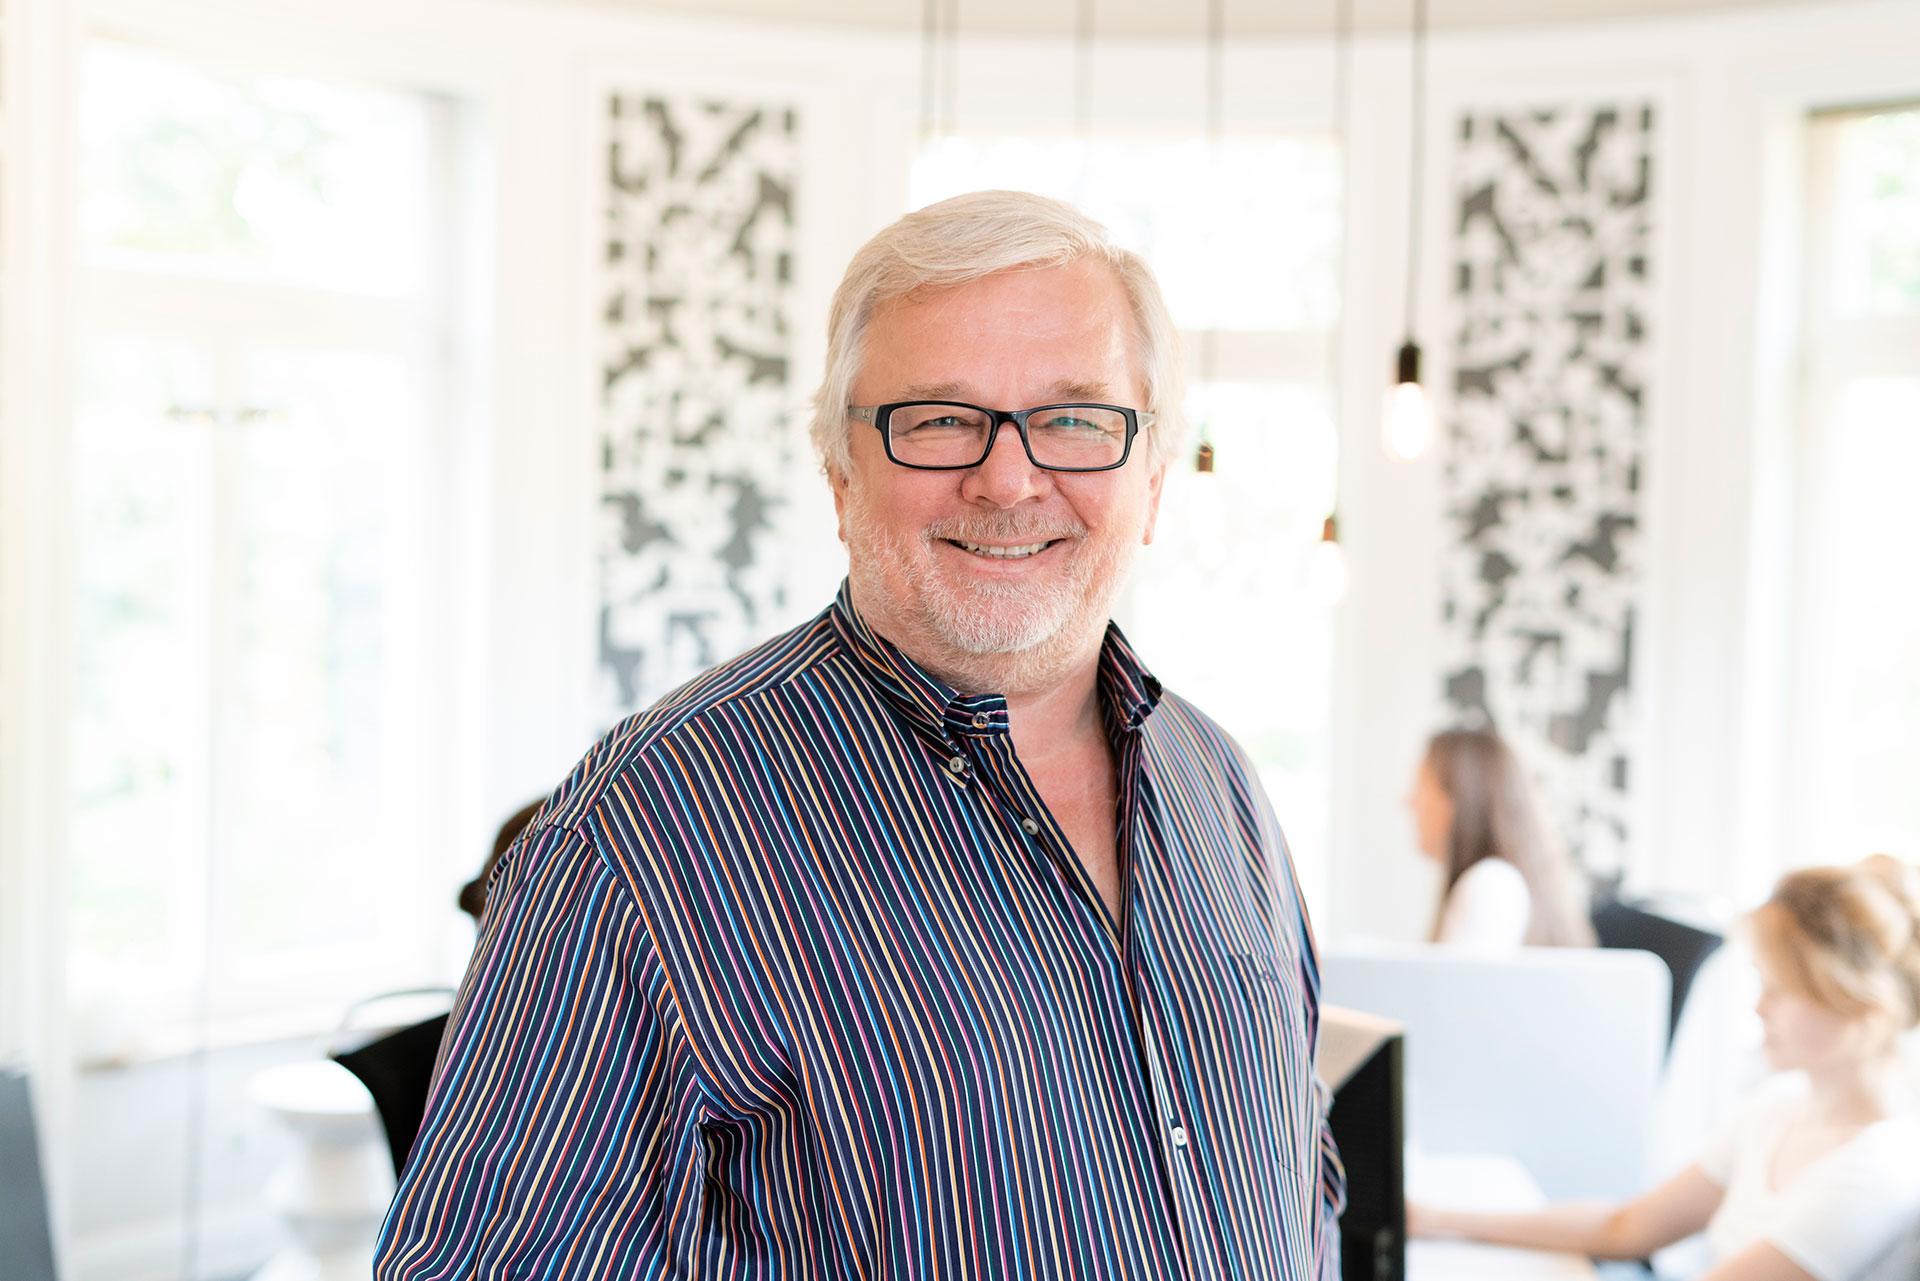 Der Geschäftsführer und Inhaber Peter Joehnk von JOI-Design.